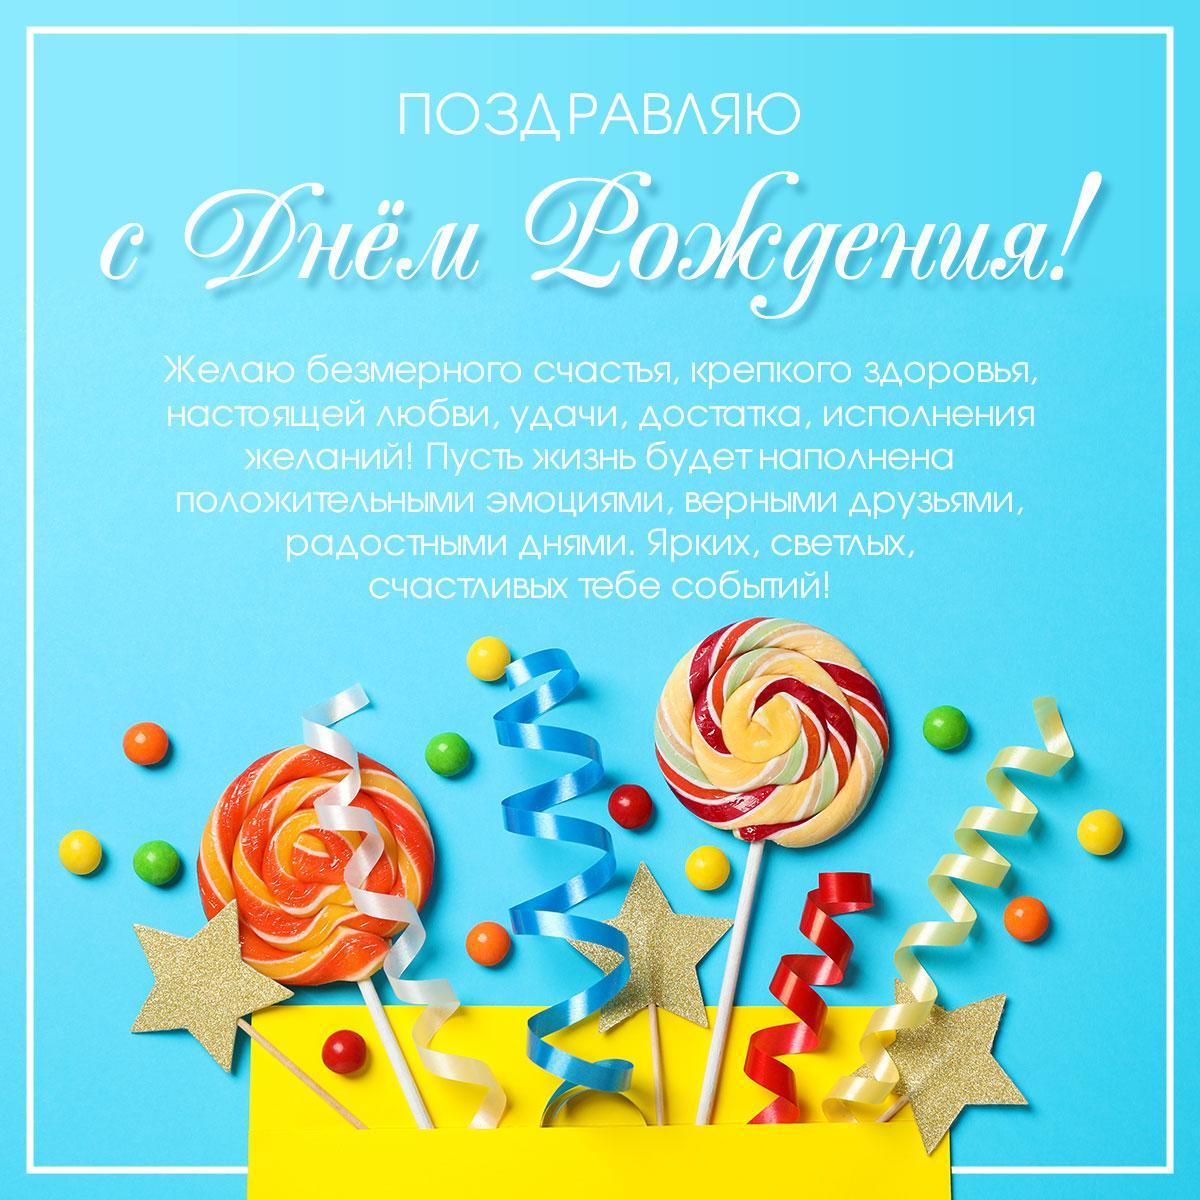 Картинка с поздравлениями с днем рождения на ярко - голубом фоне с карамельными спиралями на палочке.